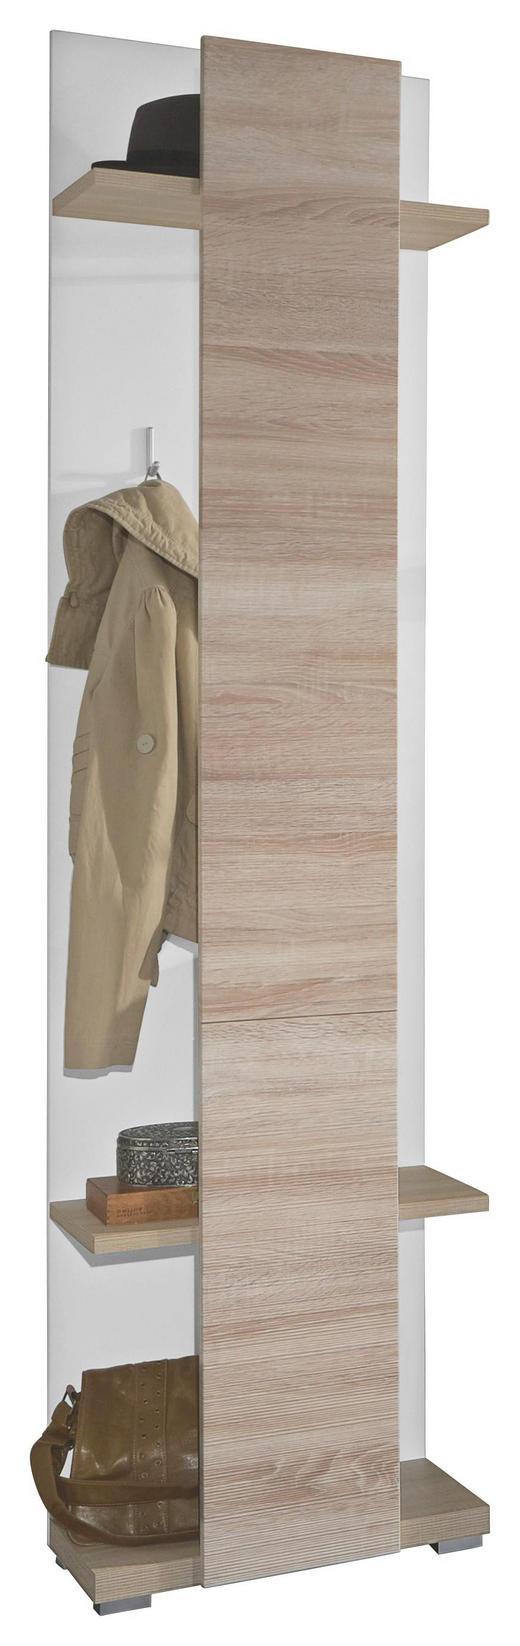 GARDEROBENPANEEL - Eichefarben/Weiß, Design, Holzwerkstoff (50/207/30cm) - Xora